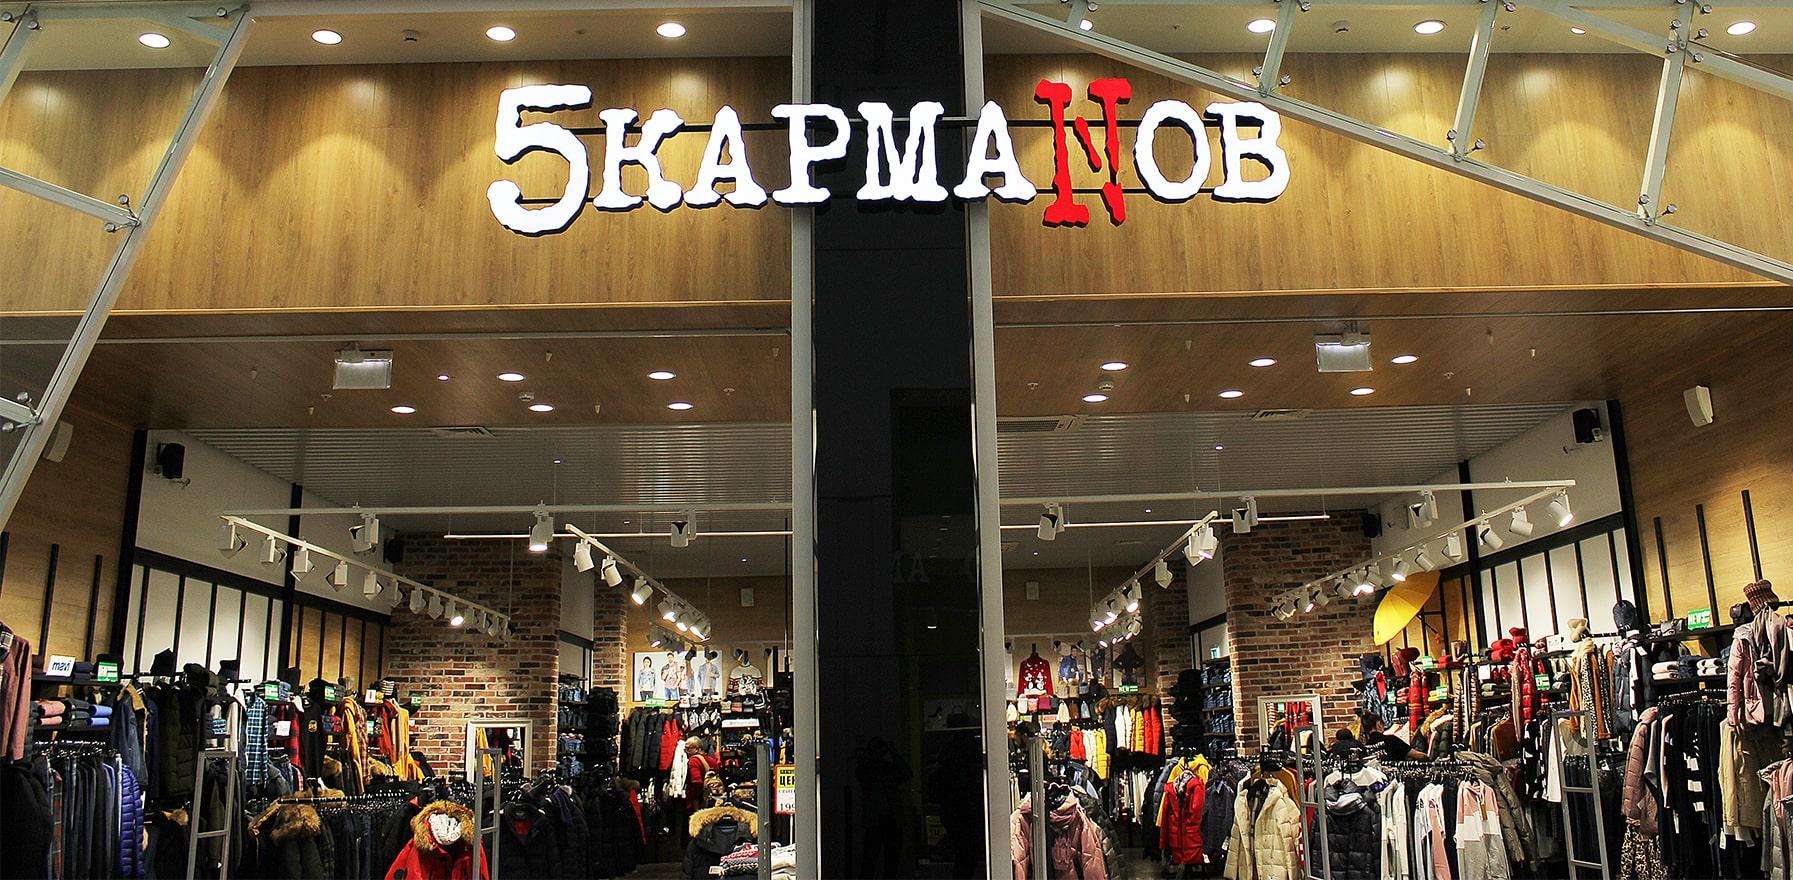 """Освещение магазина """"5Карманов"""" в ТРЦ"""